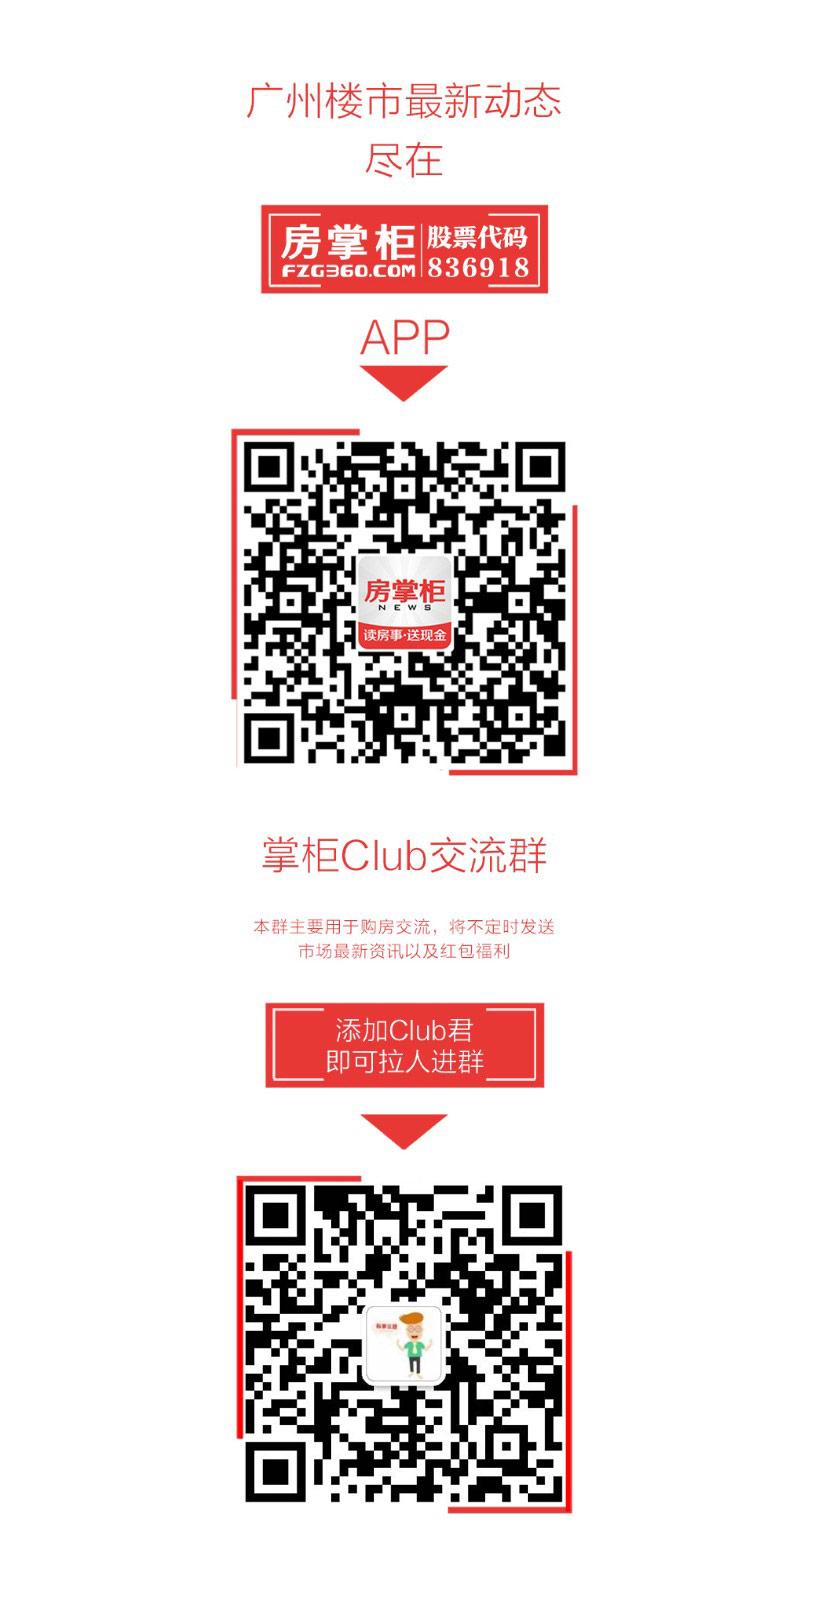 新大尺寸购房群+app二维码模板.jpg